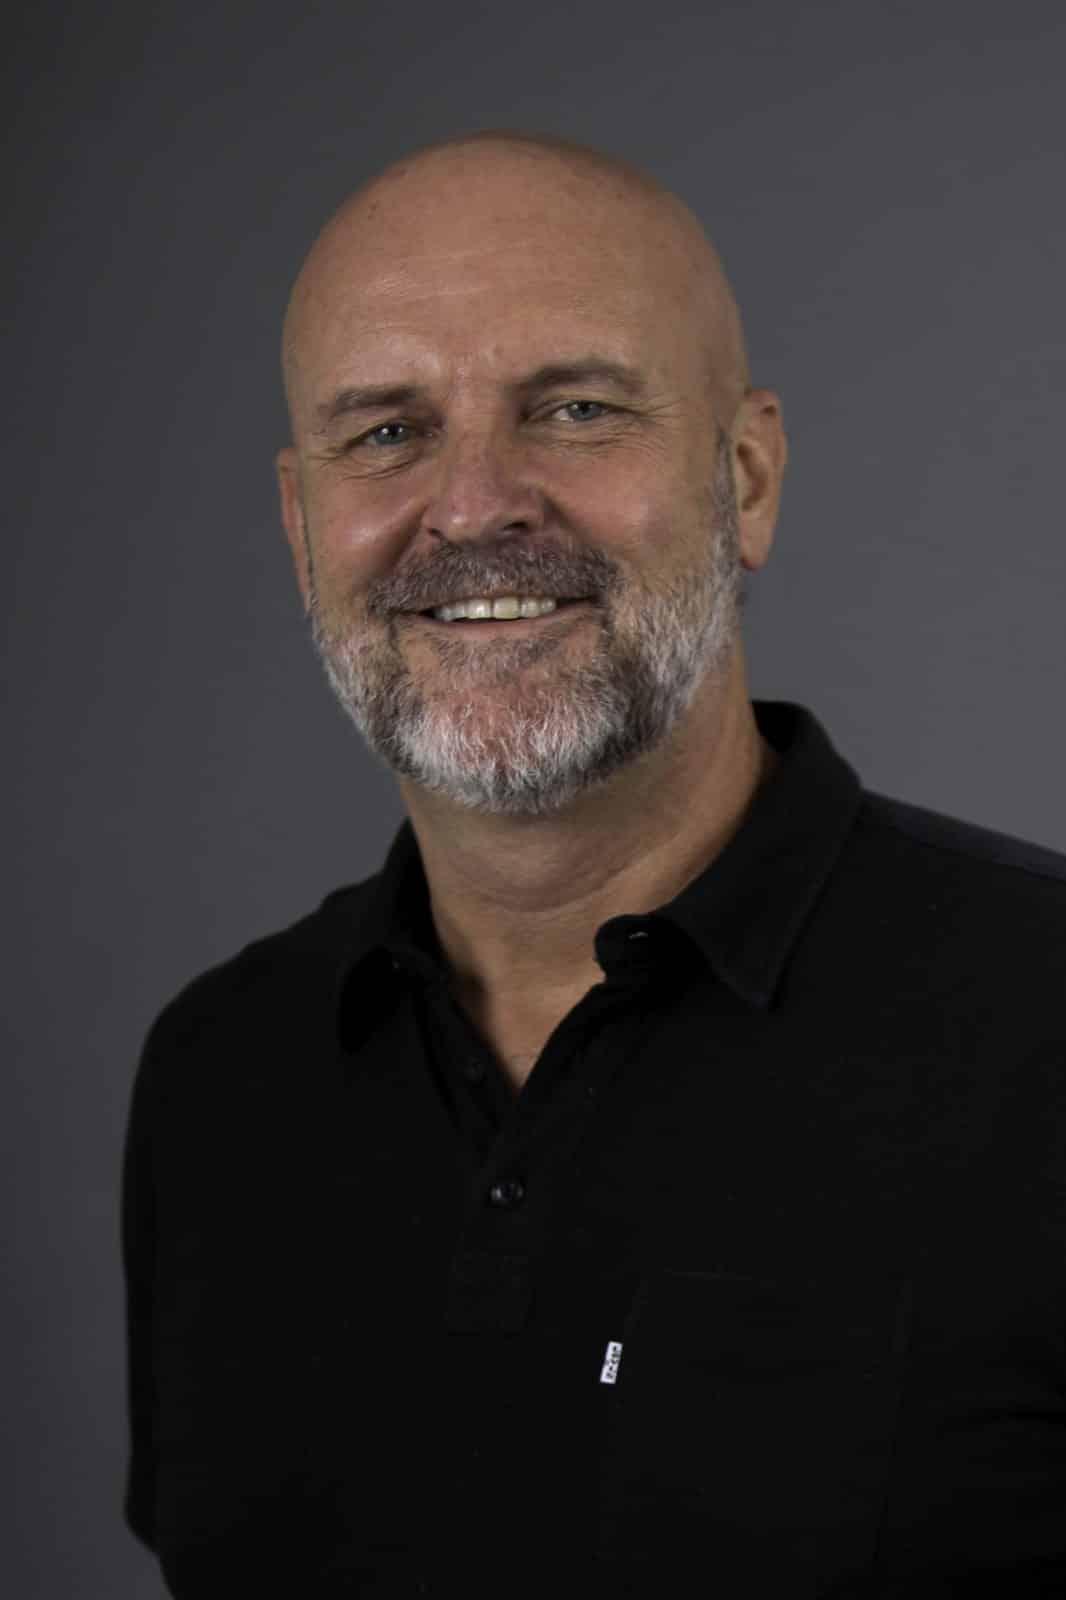 Darren Schilling